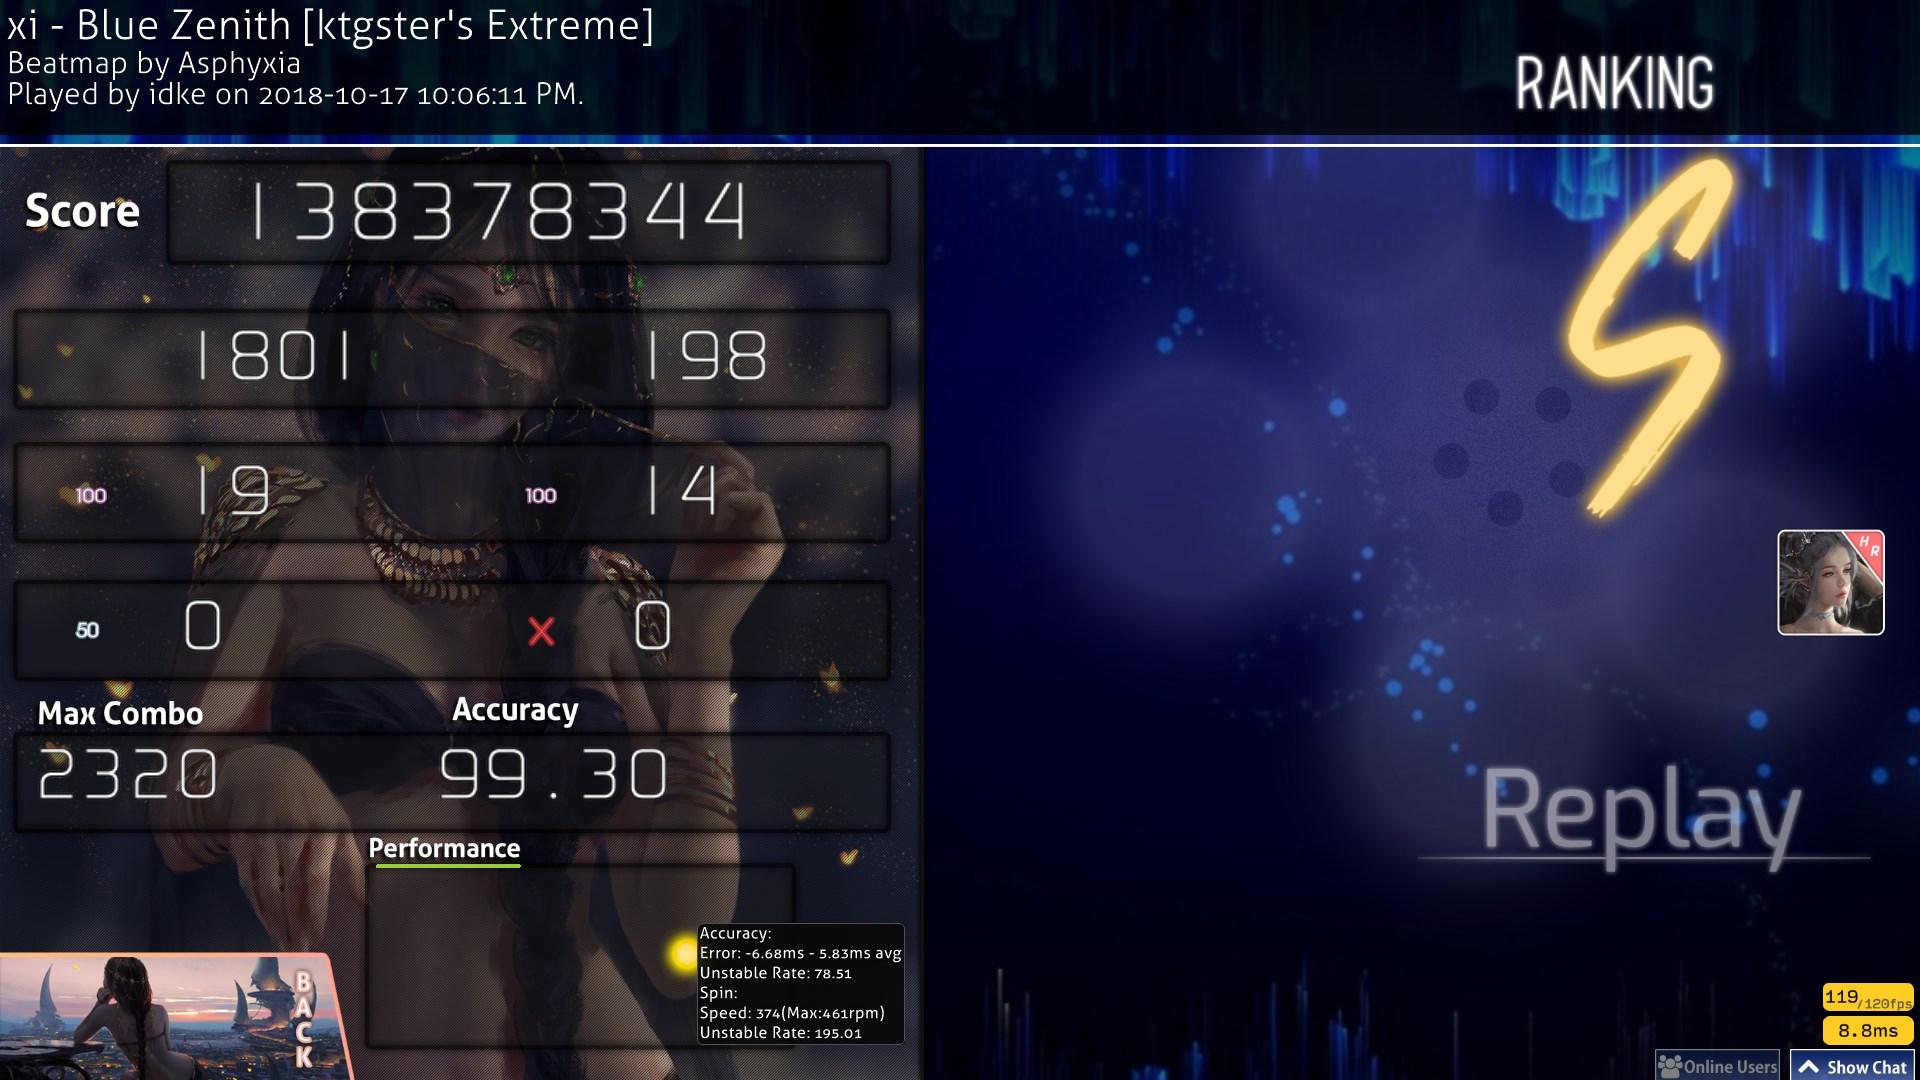 idke | xi - Blue Zenith [ktgster's Extreme] (Asphyxia mapset | 6.93*) +HR (99.30%) FC #8 | 599pp | 78.51UR